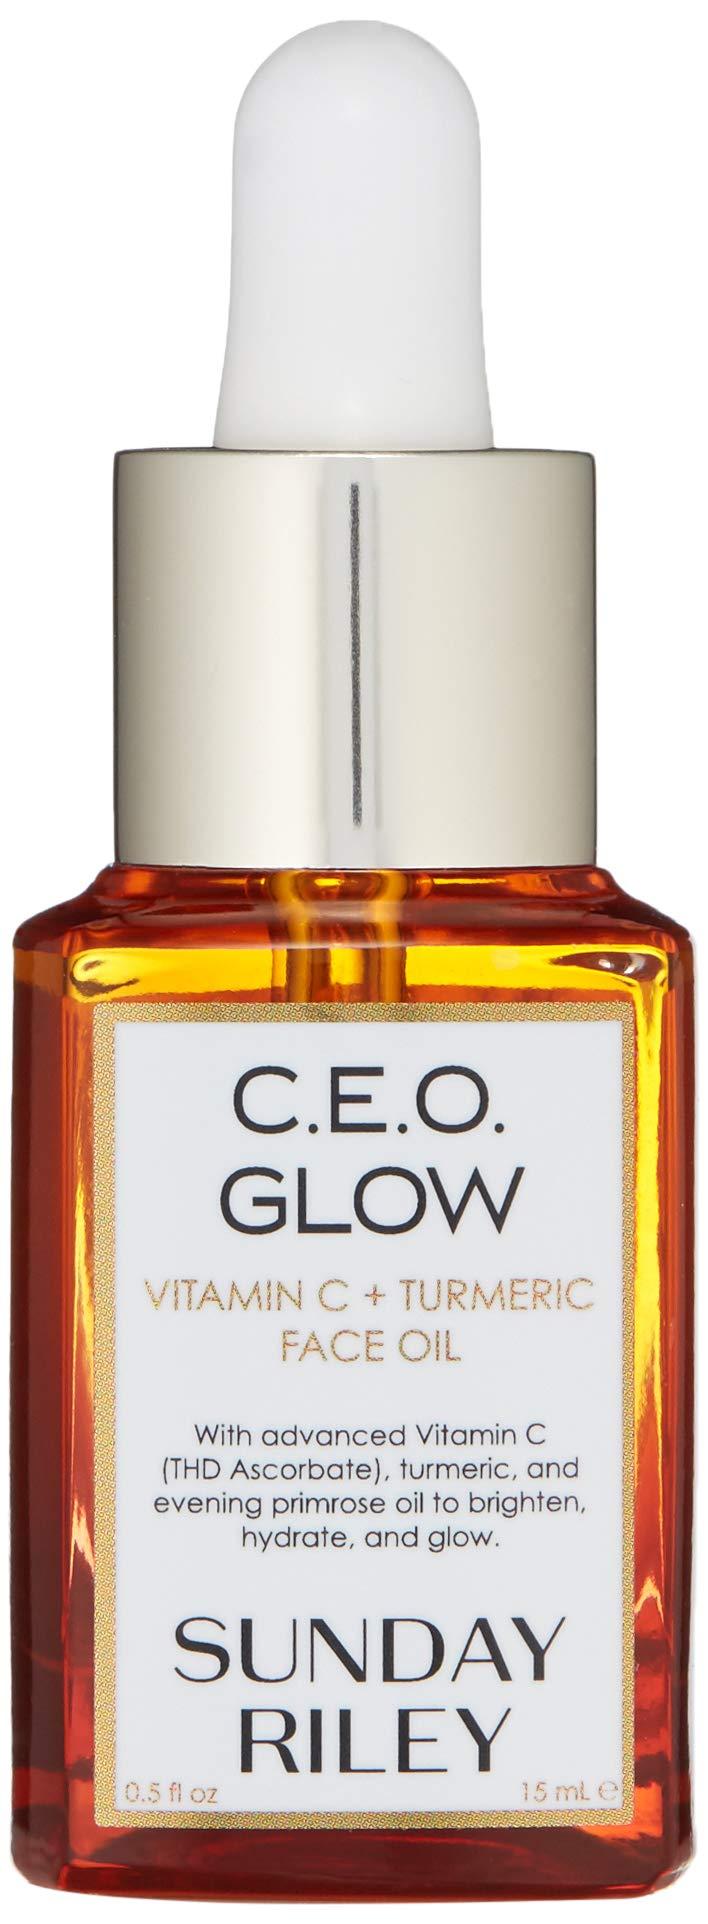 Sunday Riley C.E.O. Glow Vitamin C + Turmeric Face Oil, 0.5 fl. oz.